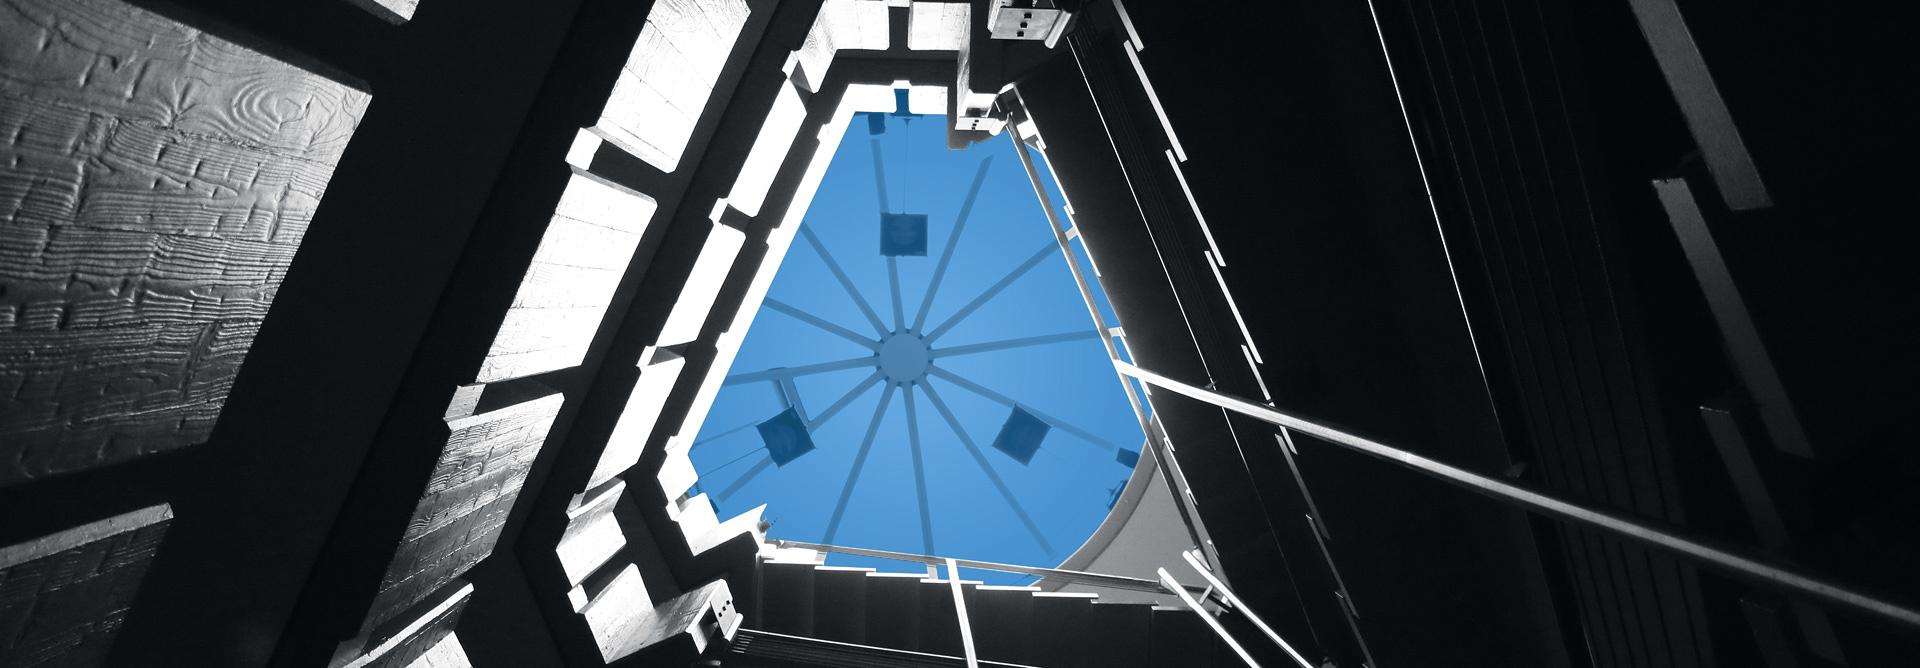 Stiegenhaus mit blauem Glasdach